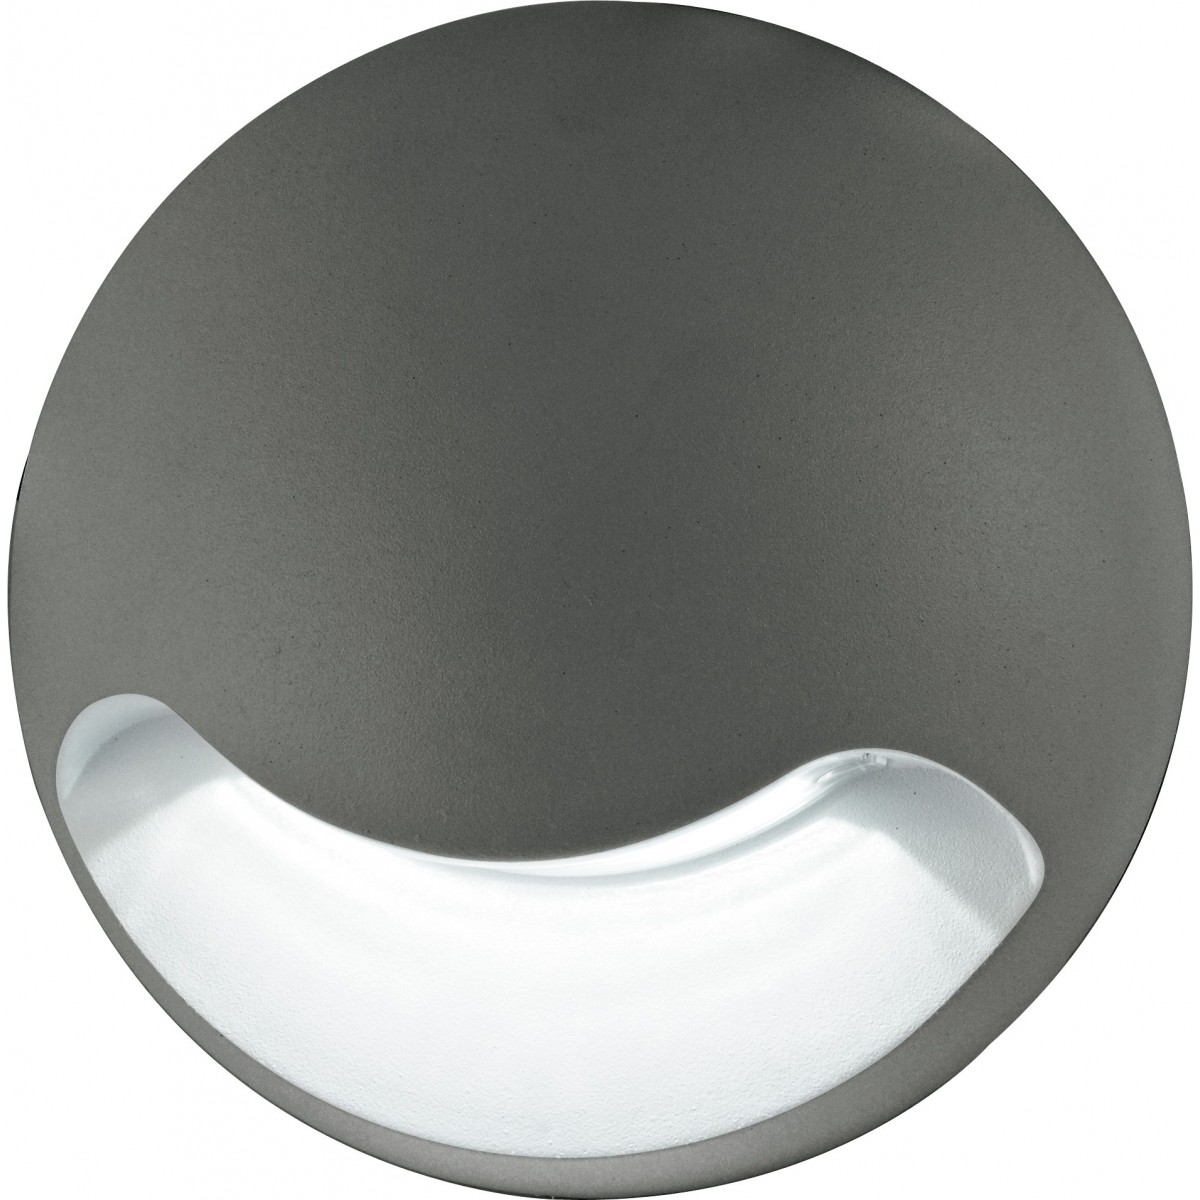 Applique ronde grise avec éclairage LED